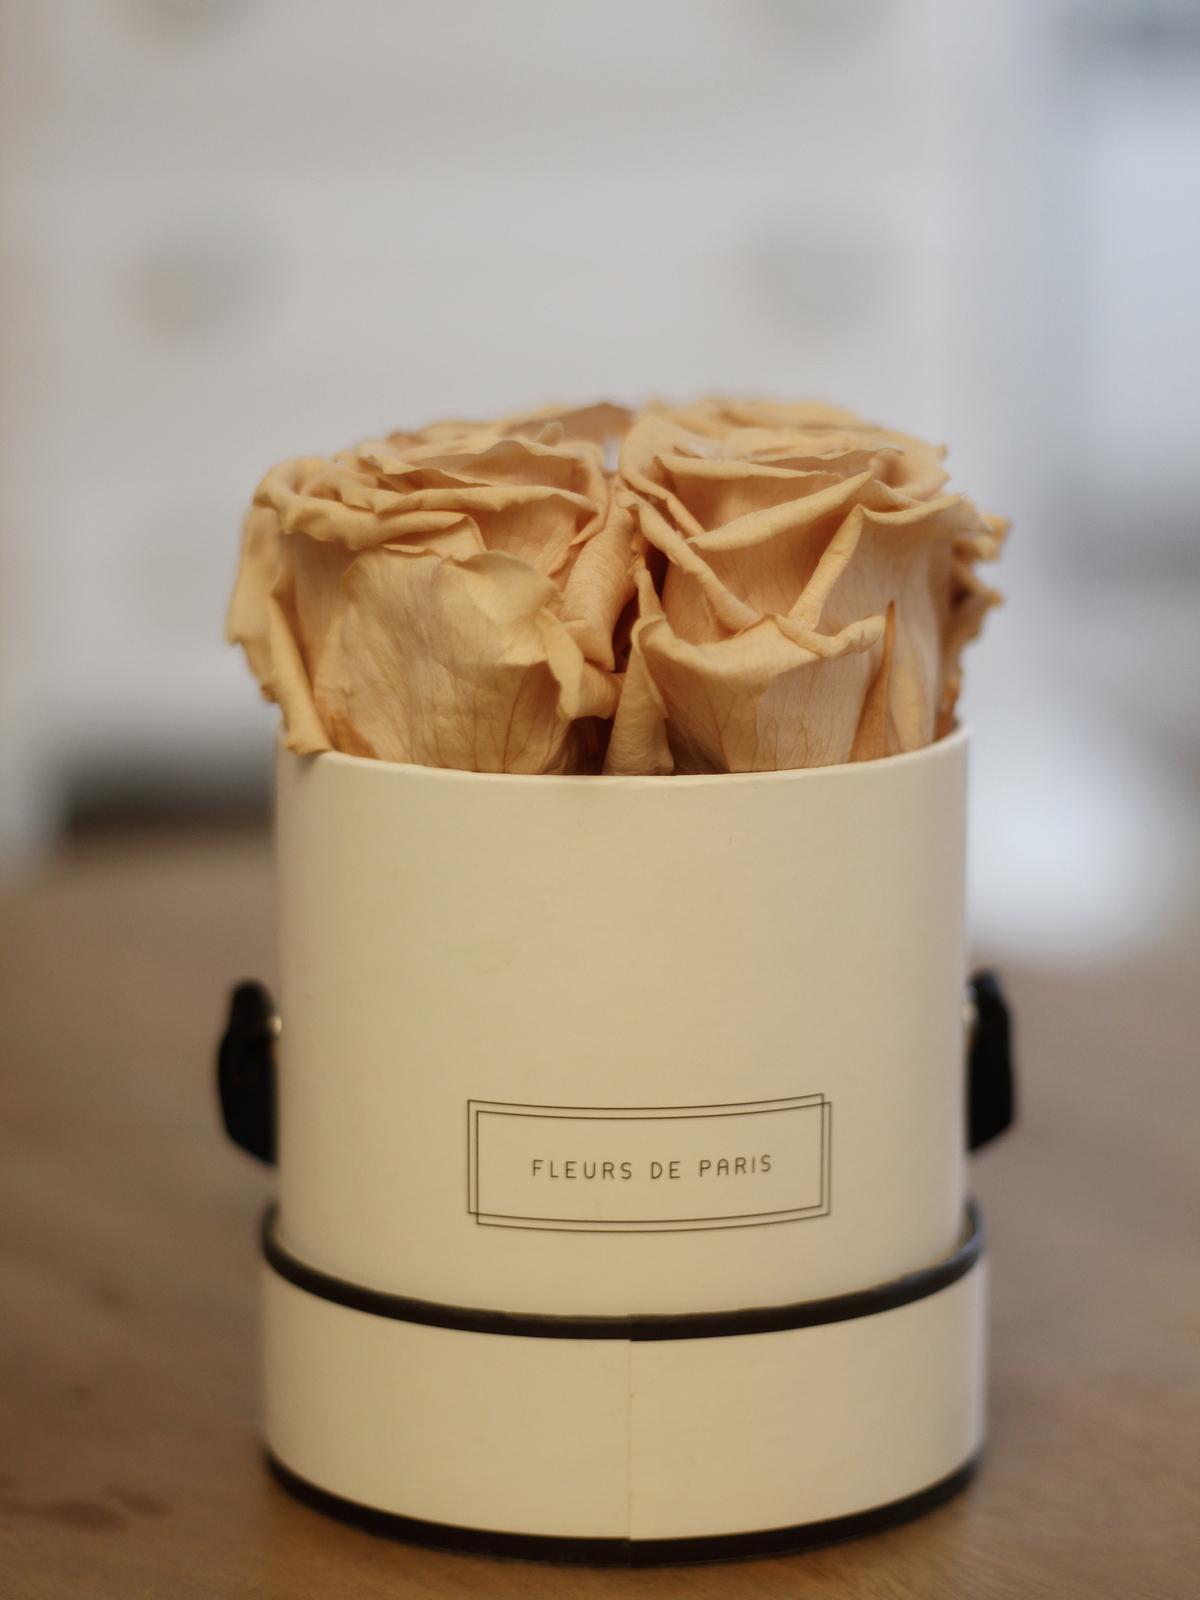 roses stabilisées; fleurs de paris